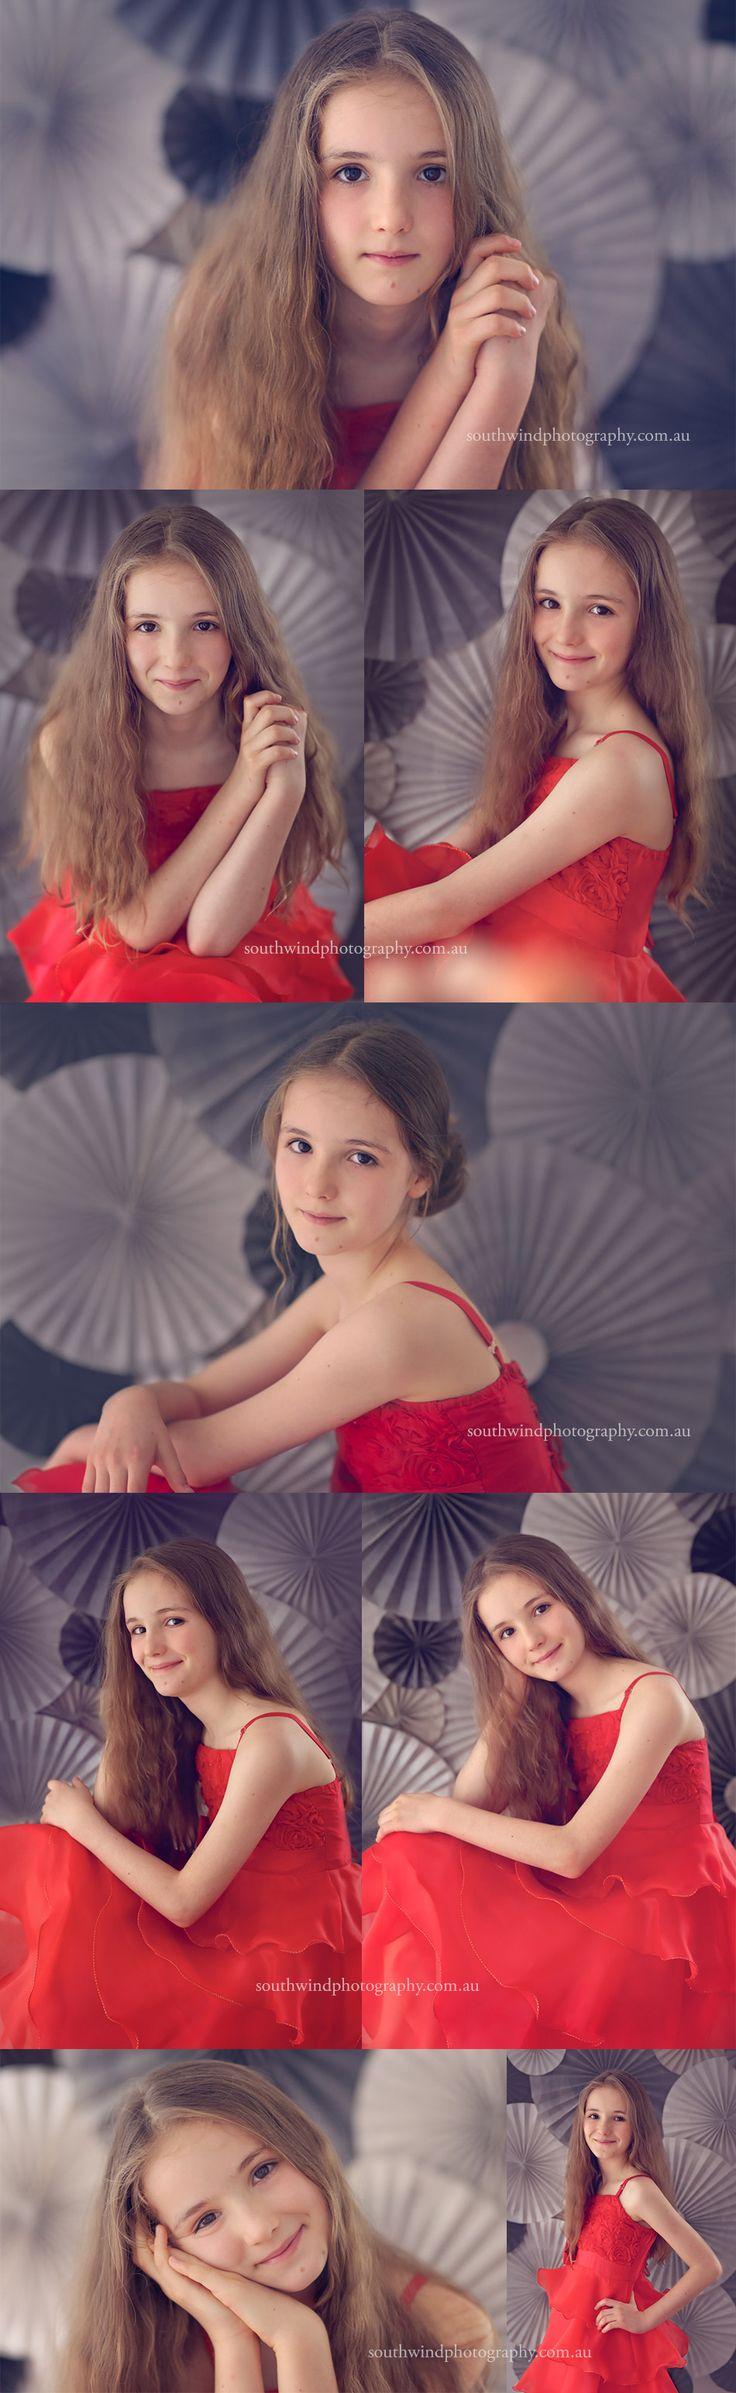 Southwind-Photography-Beautiful-K